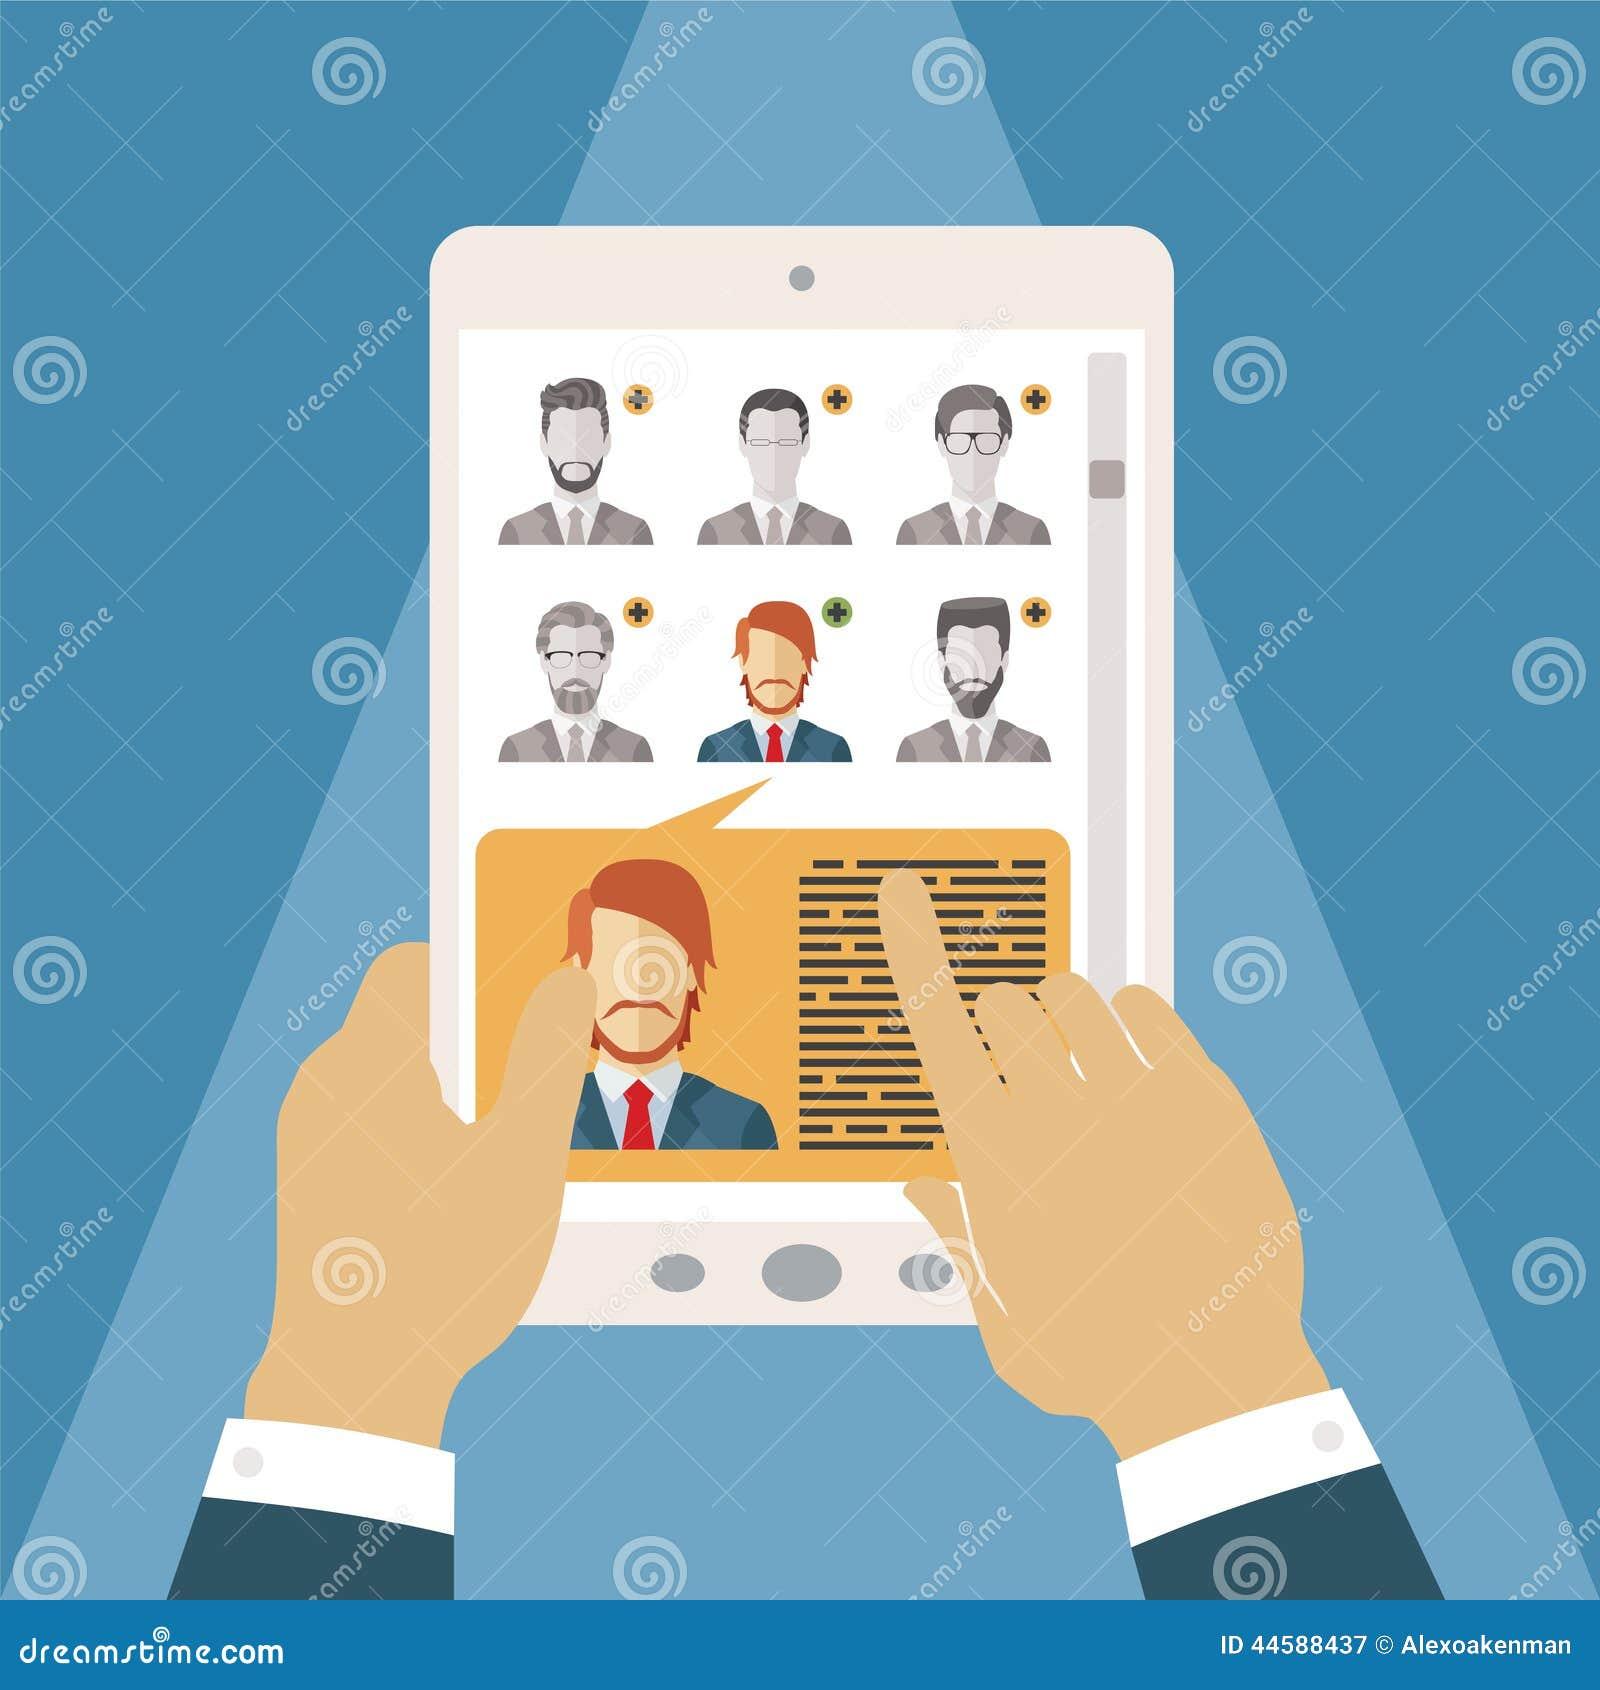 the concept of human resources management Human resources hr management recruitment employment headhunting concept- compre esta fotografia e explore imagens semelhantes no adobe stock.